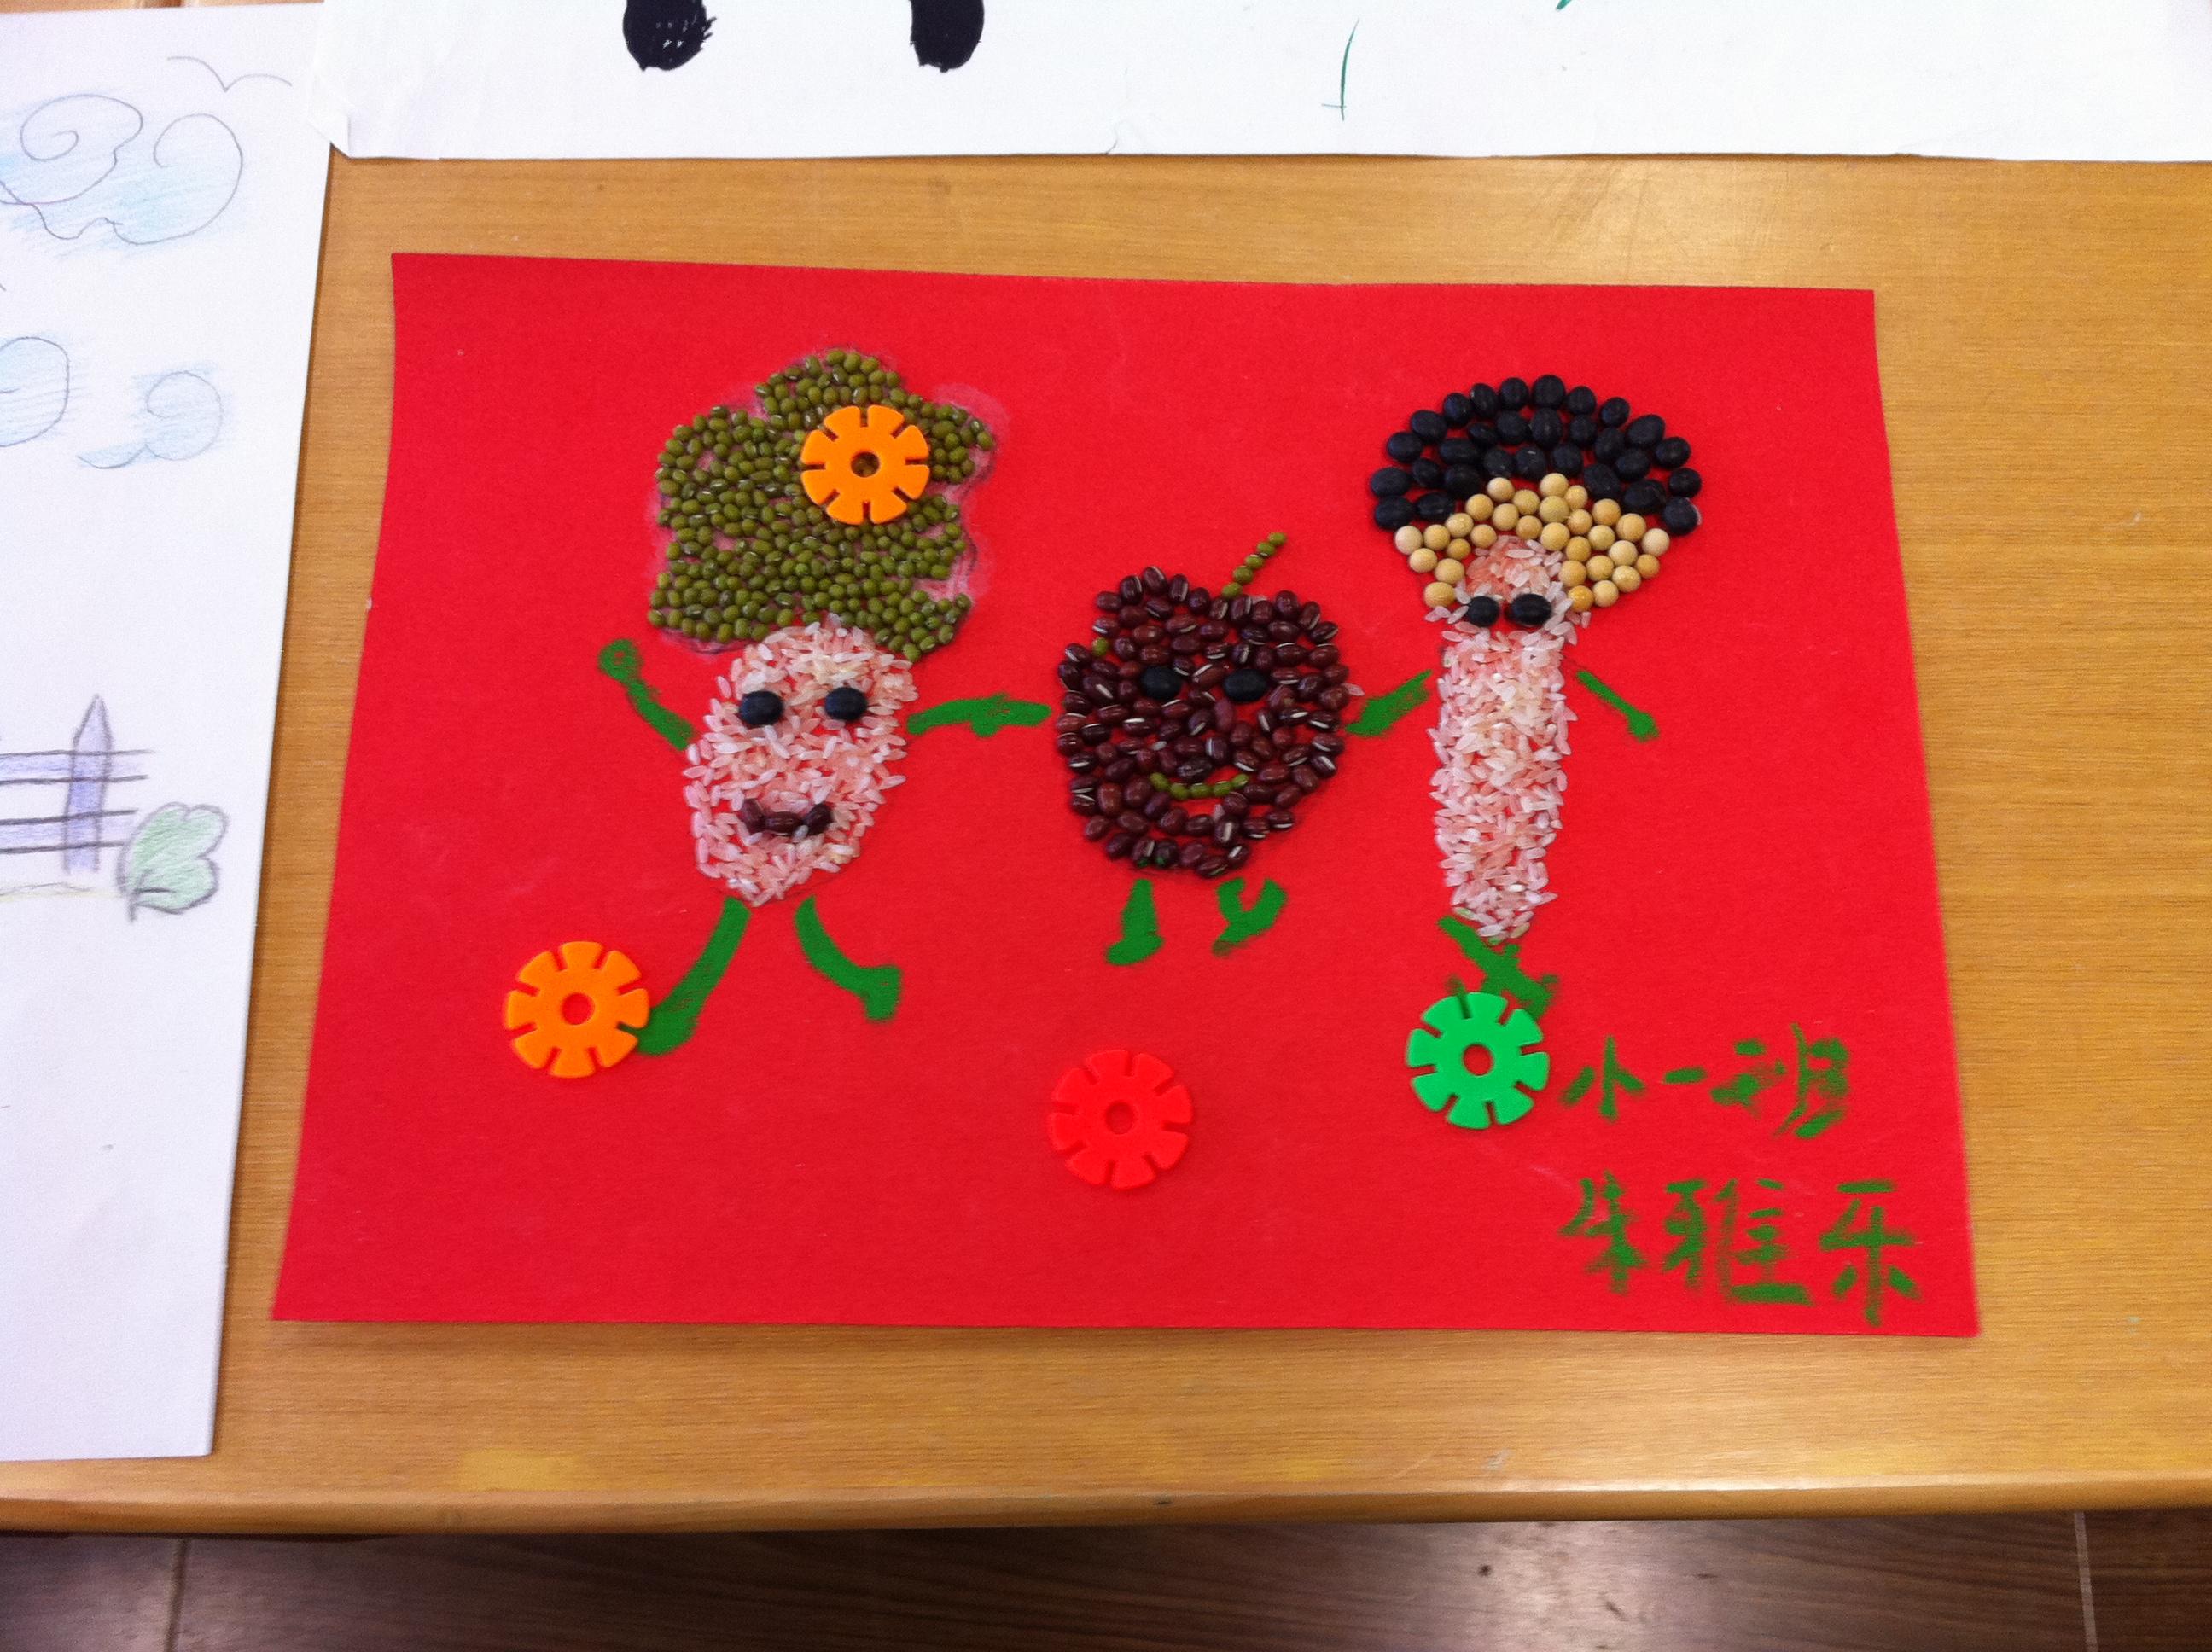 恭喜朱雅乐家庭豆类黏贴画《快乐的蔬果一家子》在